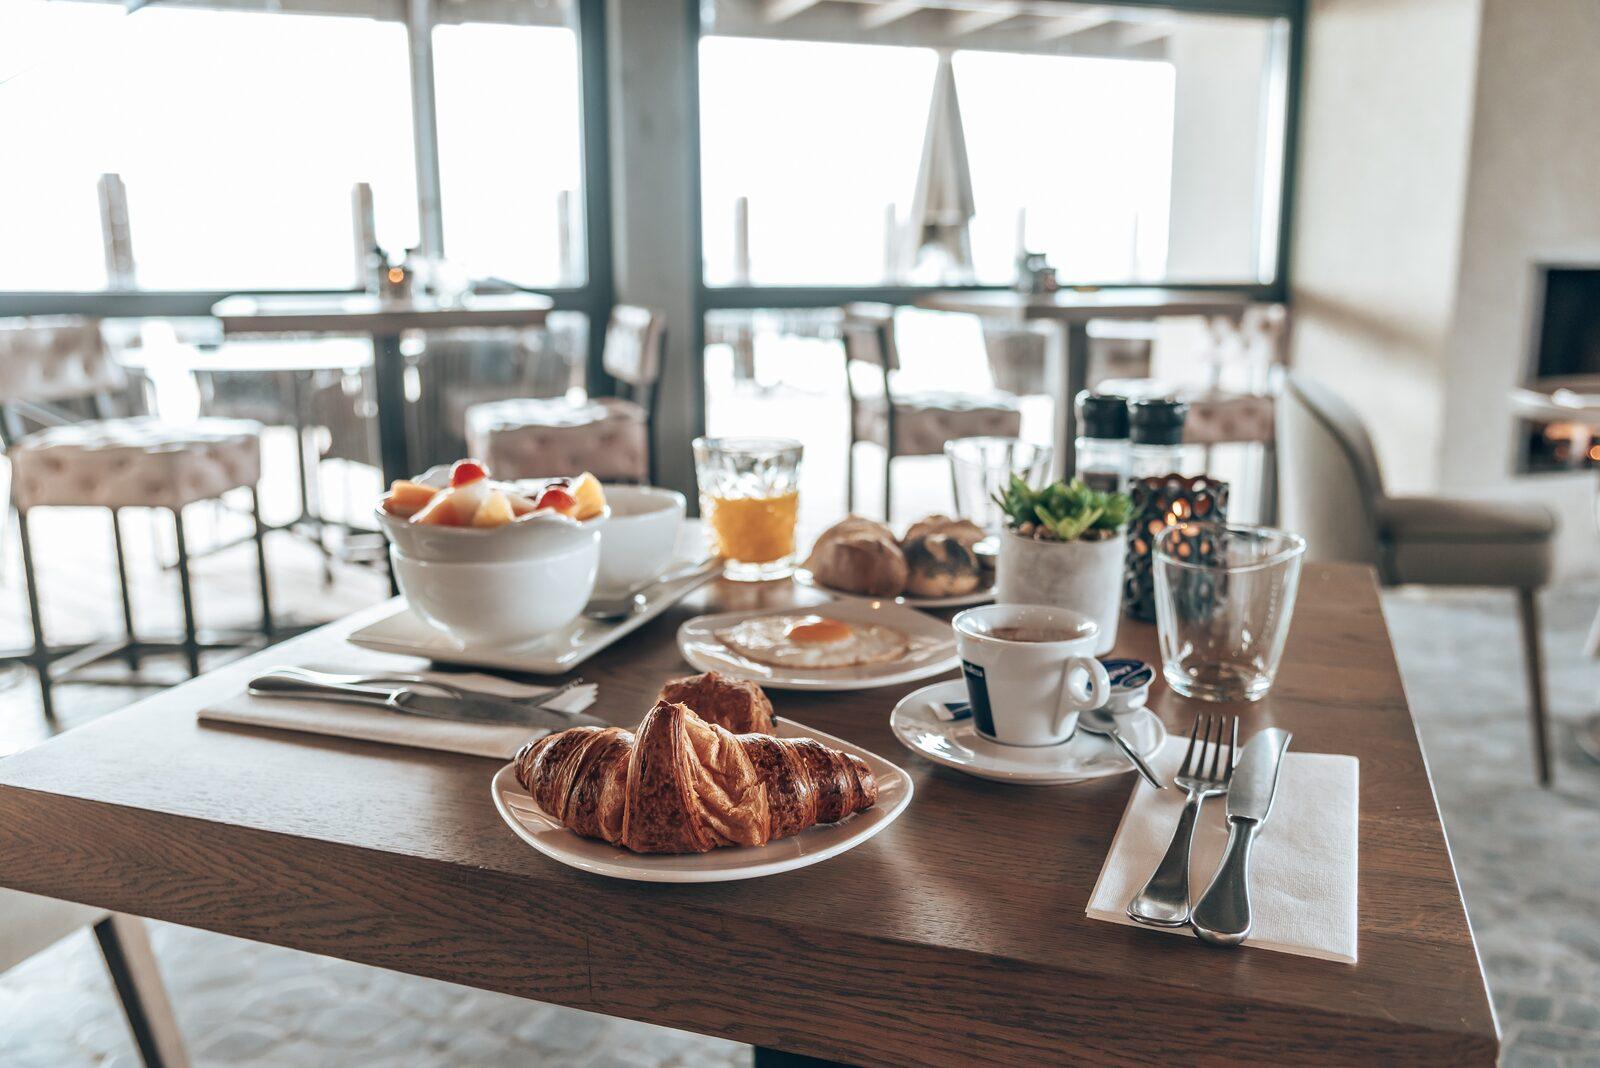 Take Away Breakfast